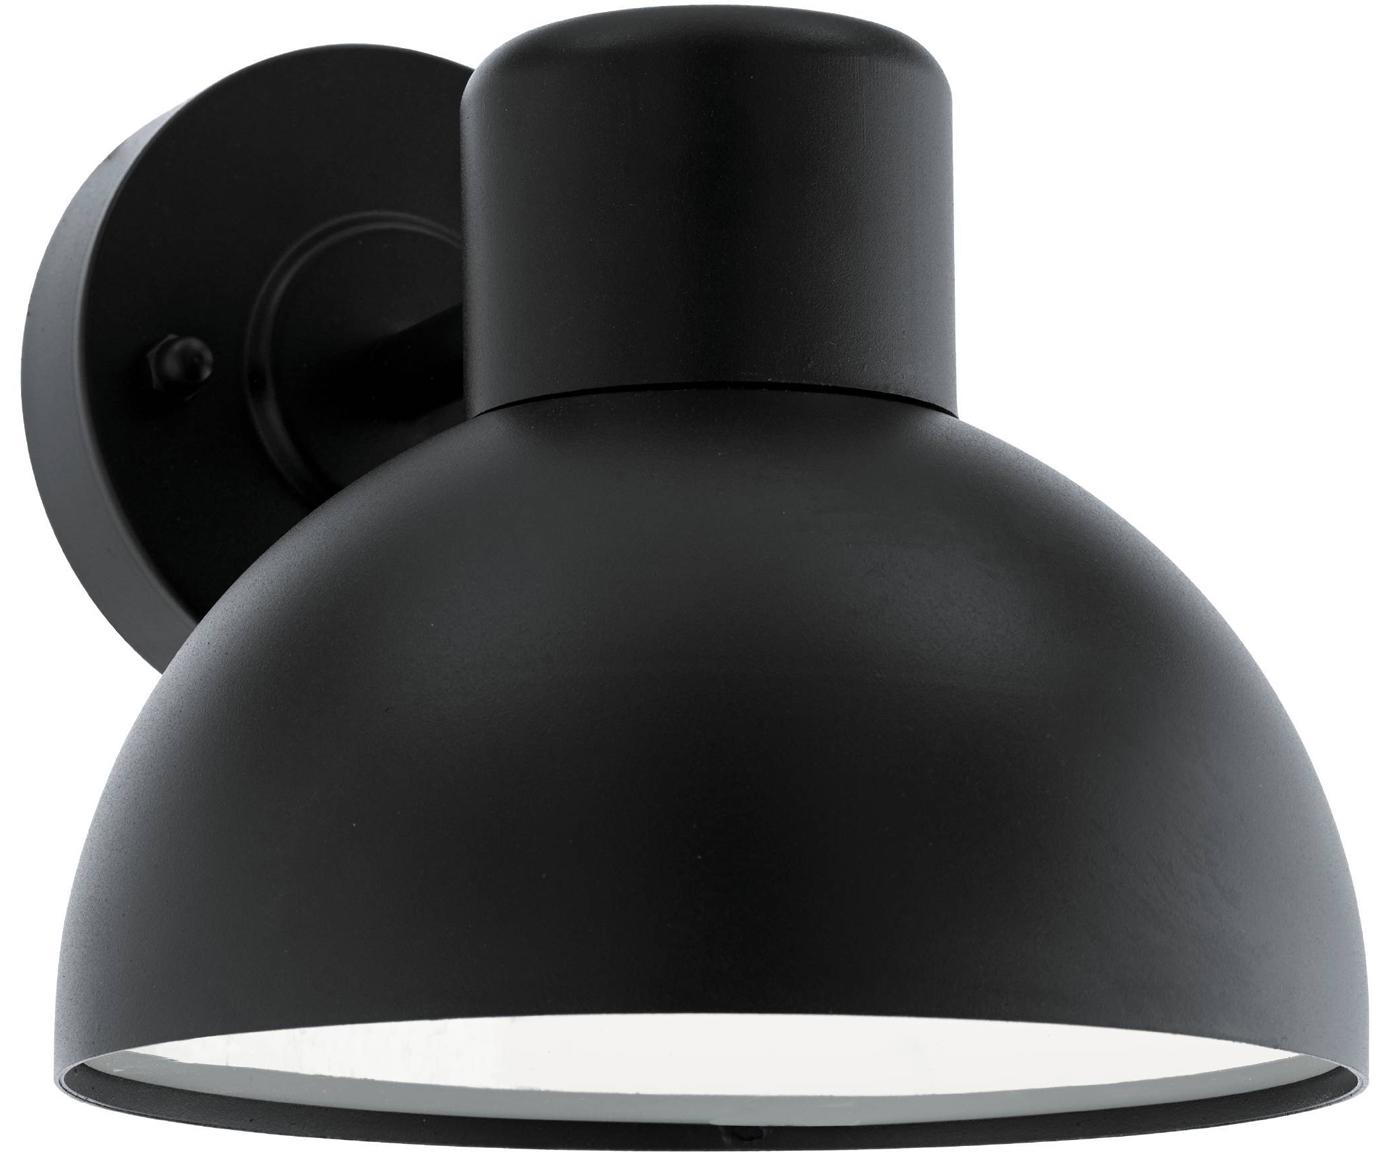 Außenwandleuchte Entrimo, Lampenschirm: Stahl, verzinkt, Schwarz, 20 x 19 cm